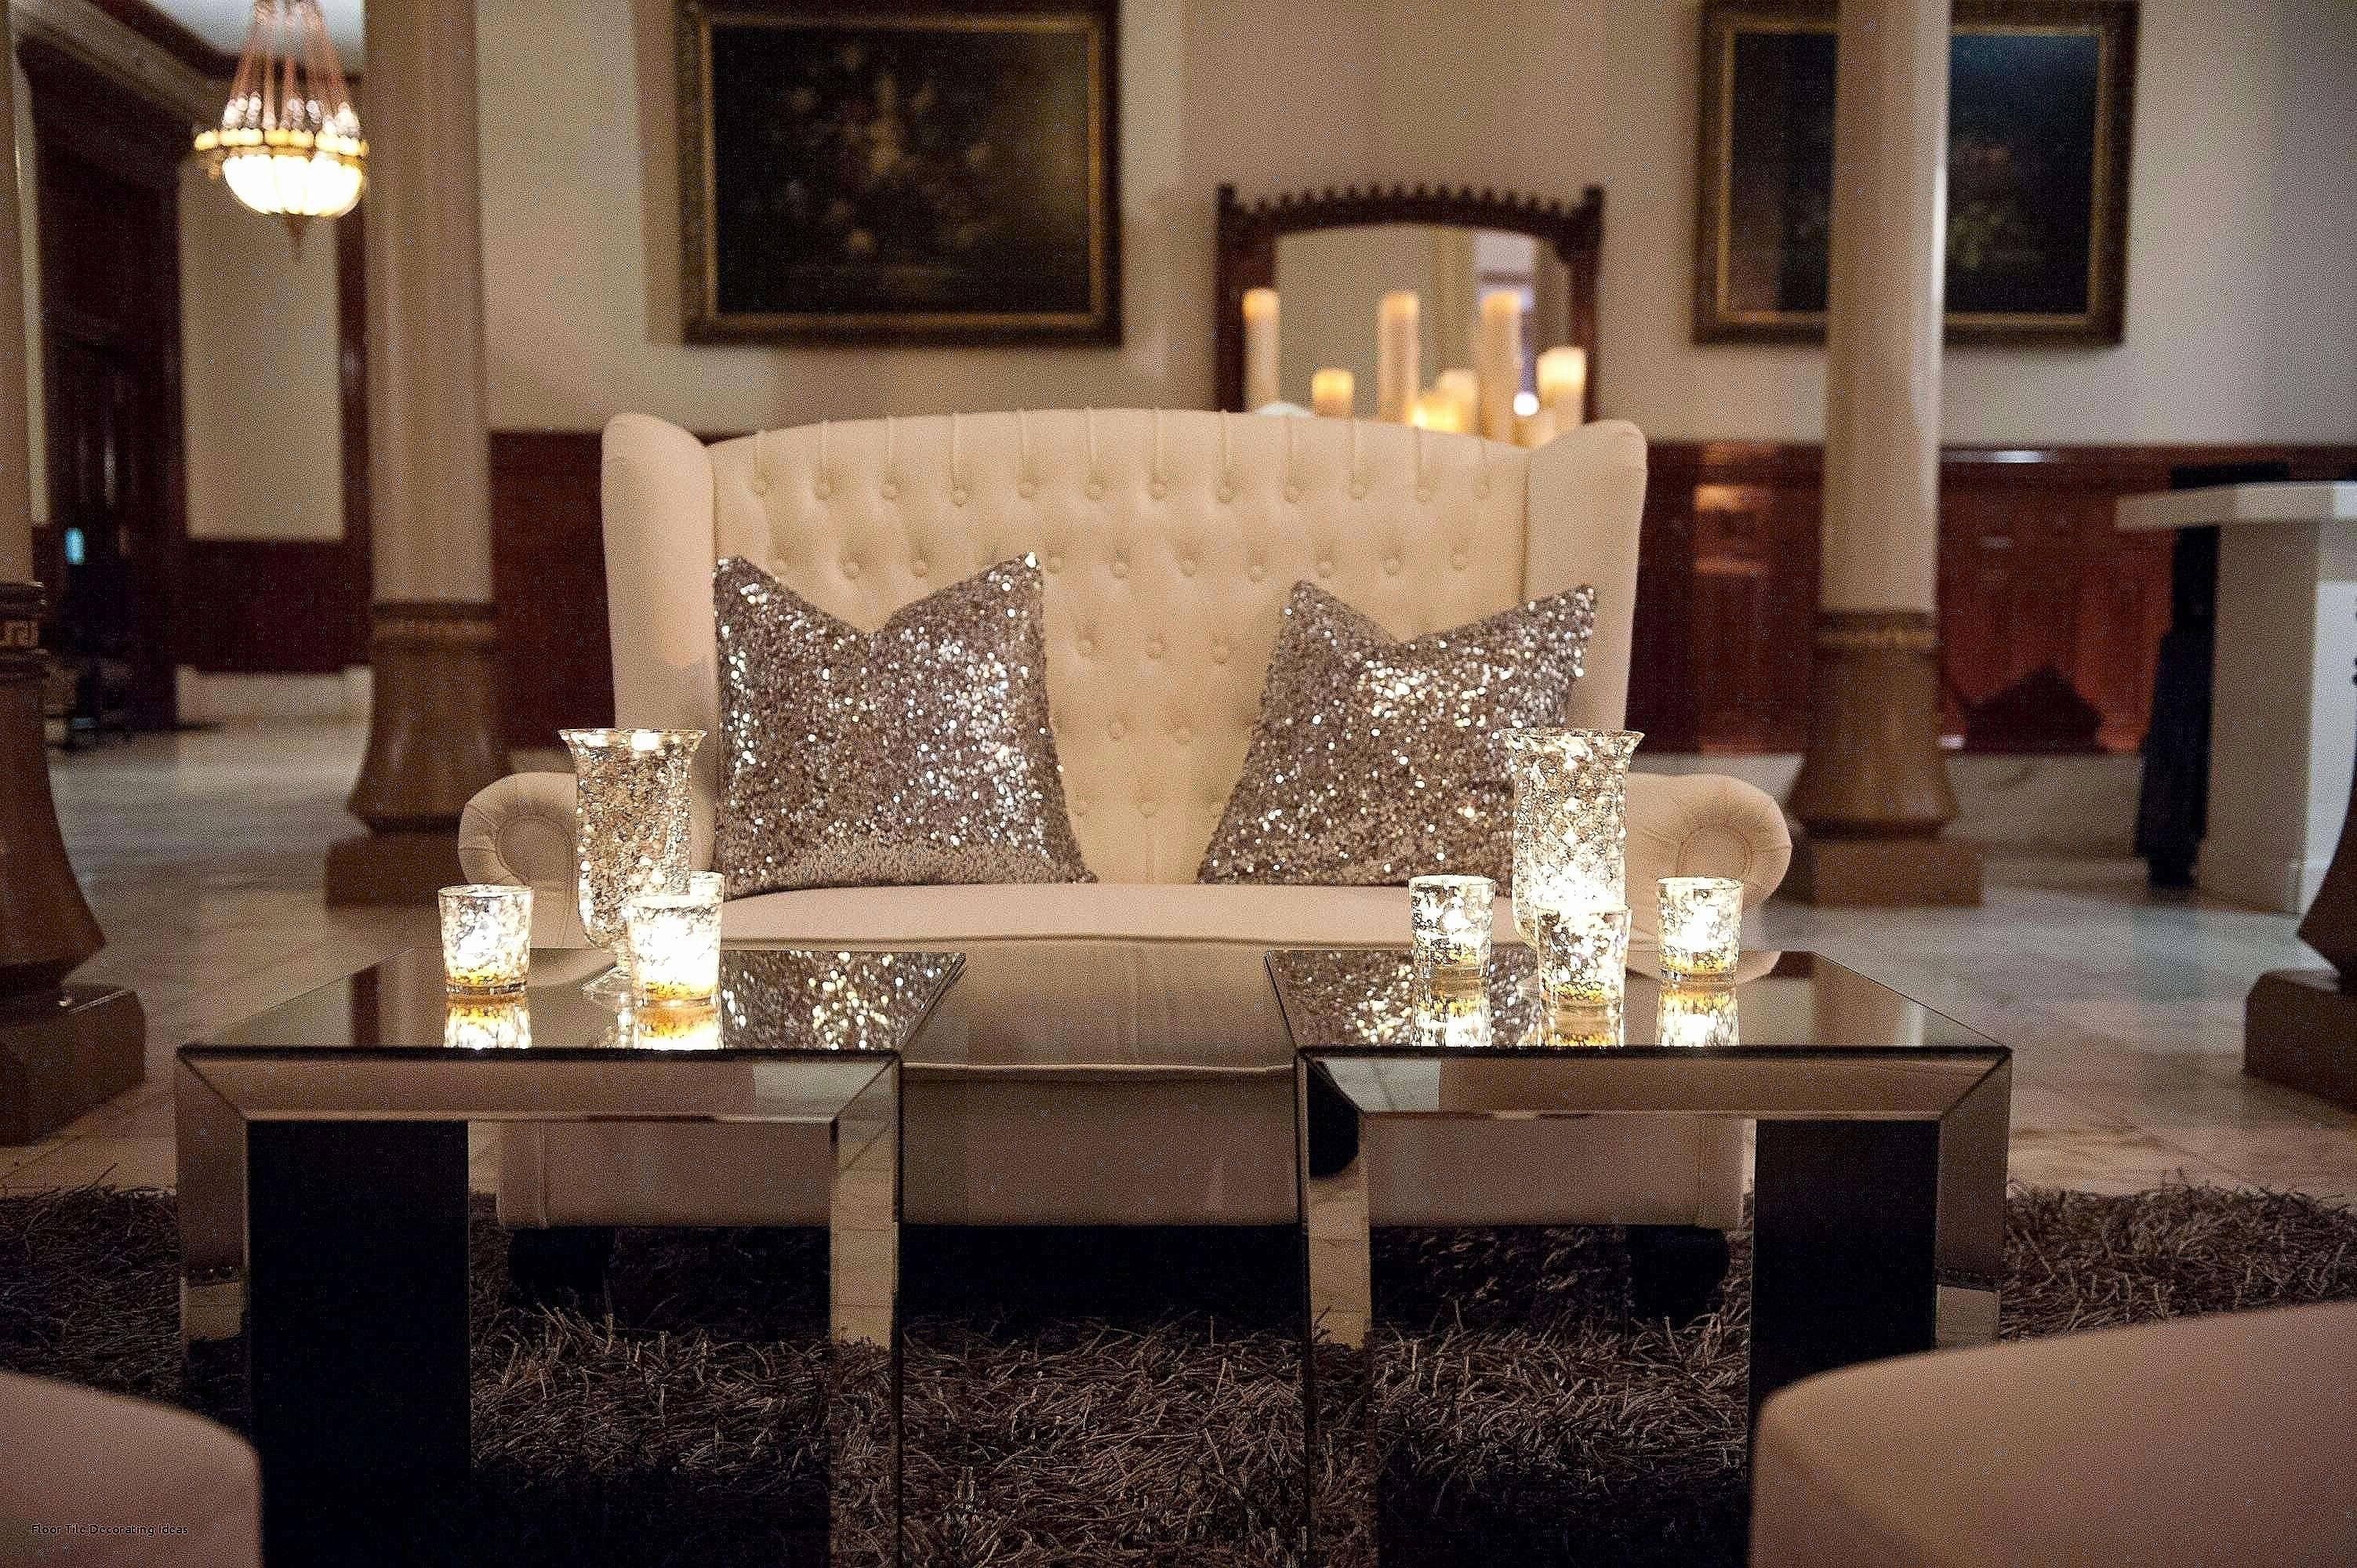 living room floor tiles design best of fresh tile flooring ideas for living room of living room floor tiles design